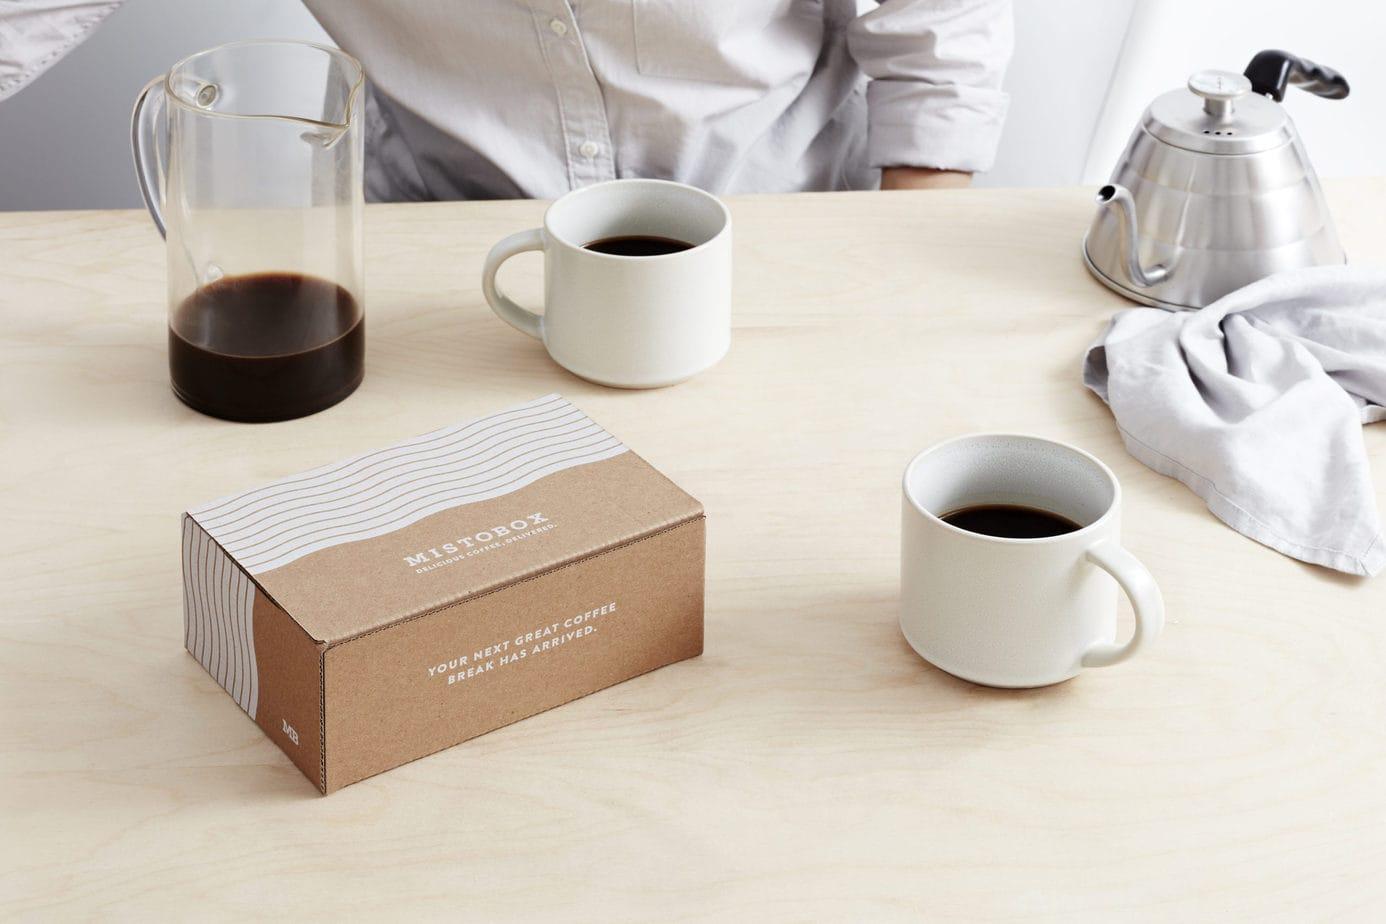 Mistobox Coffee on table